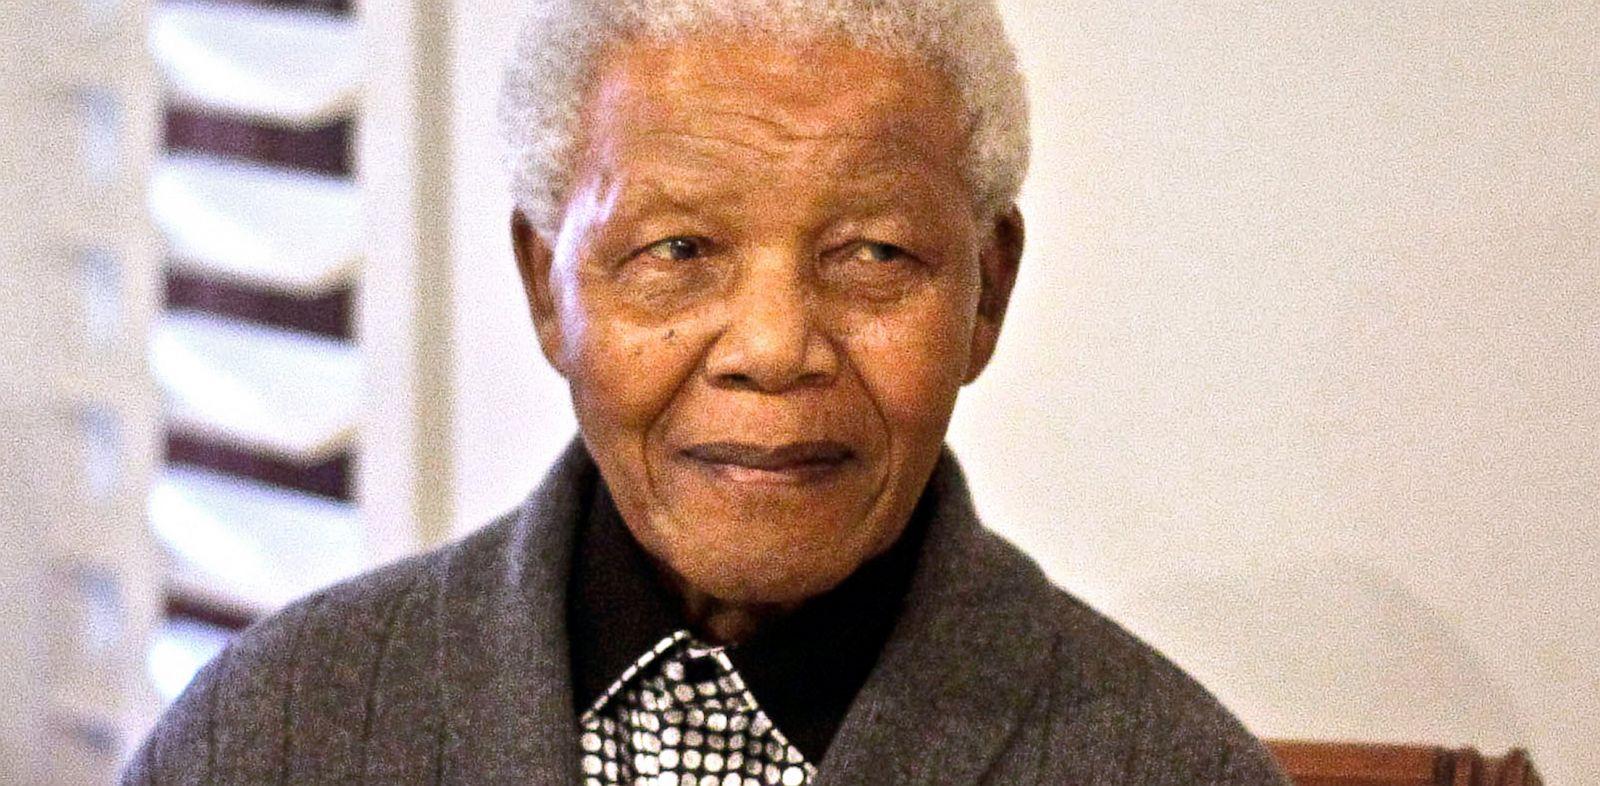 PHOTO: former South African President Nelson Mandela